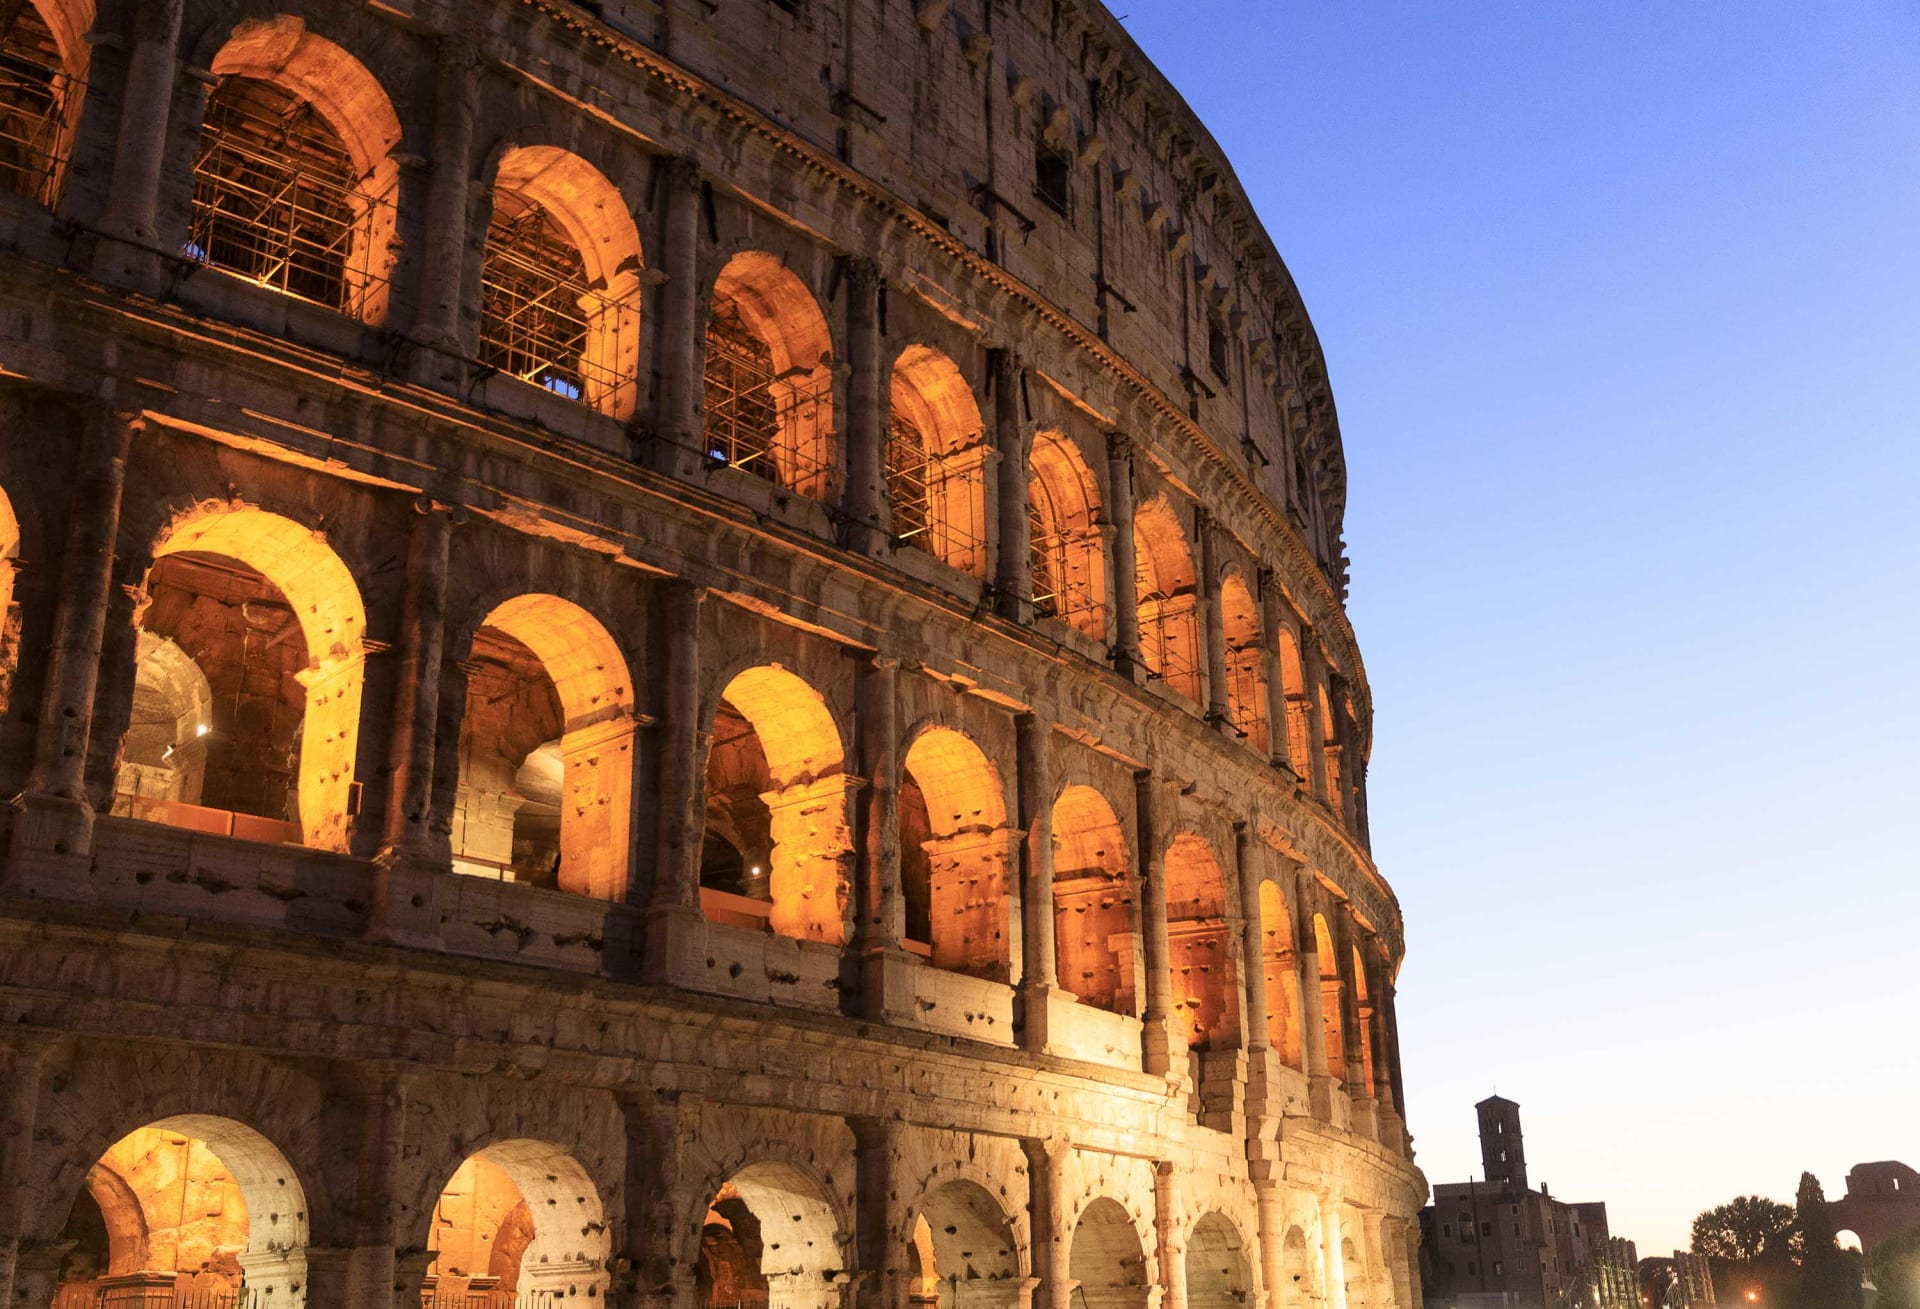 اتهام سائح بتشويه الكولوسيوم الشهير في إيطاليا